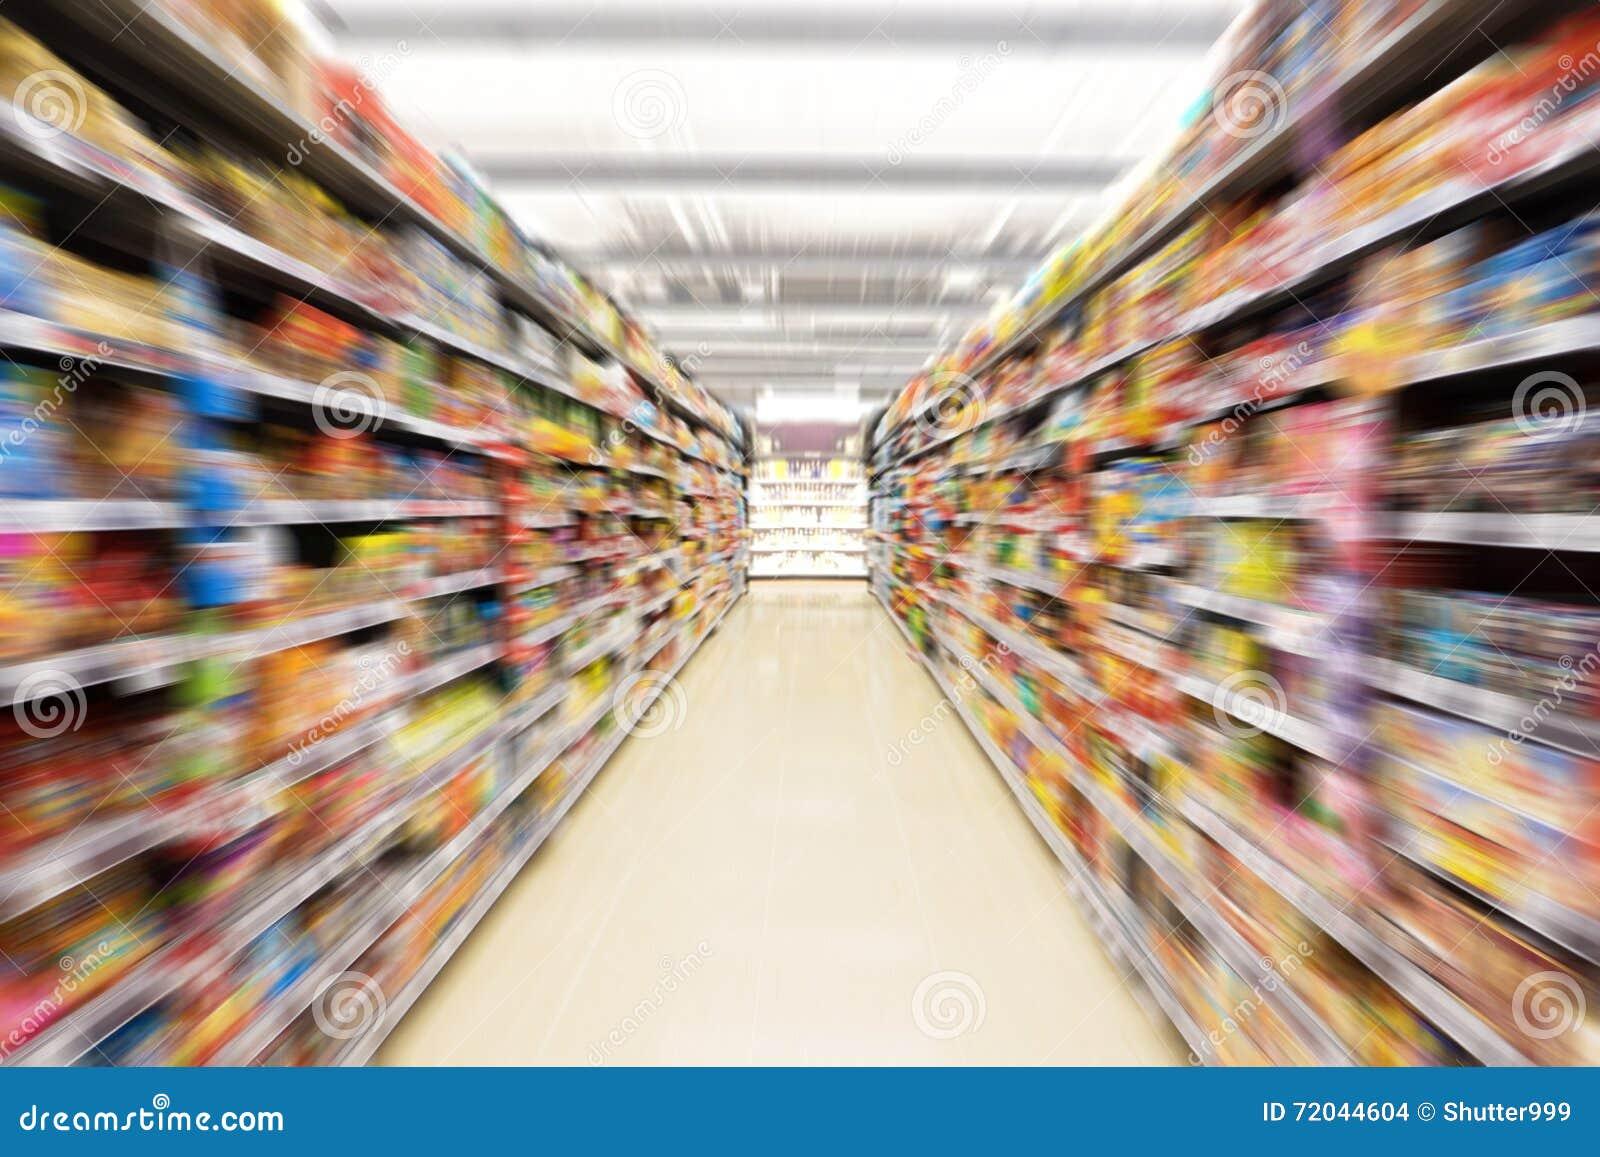 Abstrakcjonistyczna zamazana fotografia sklep w wydziałowym sklepie, Pusta supermarket nawa